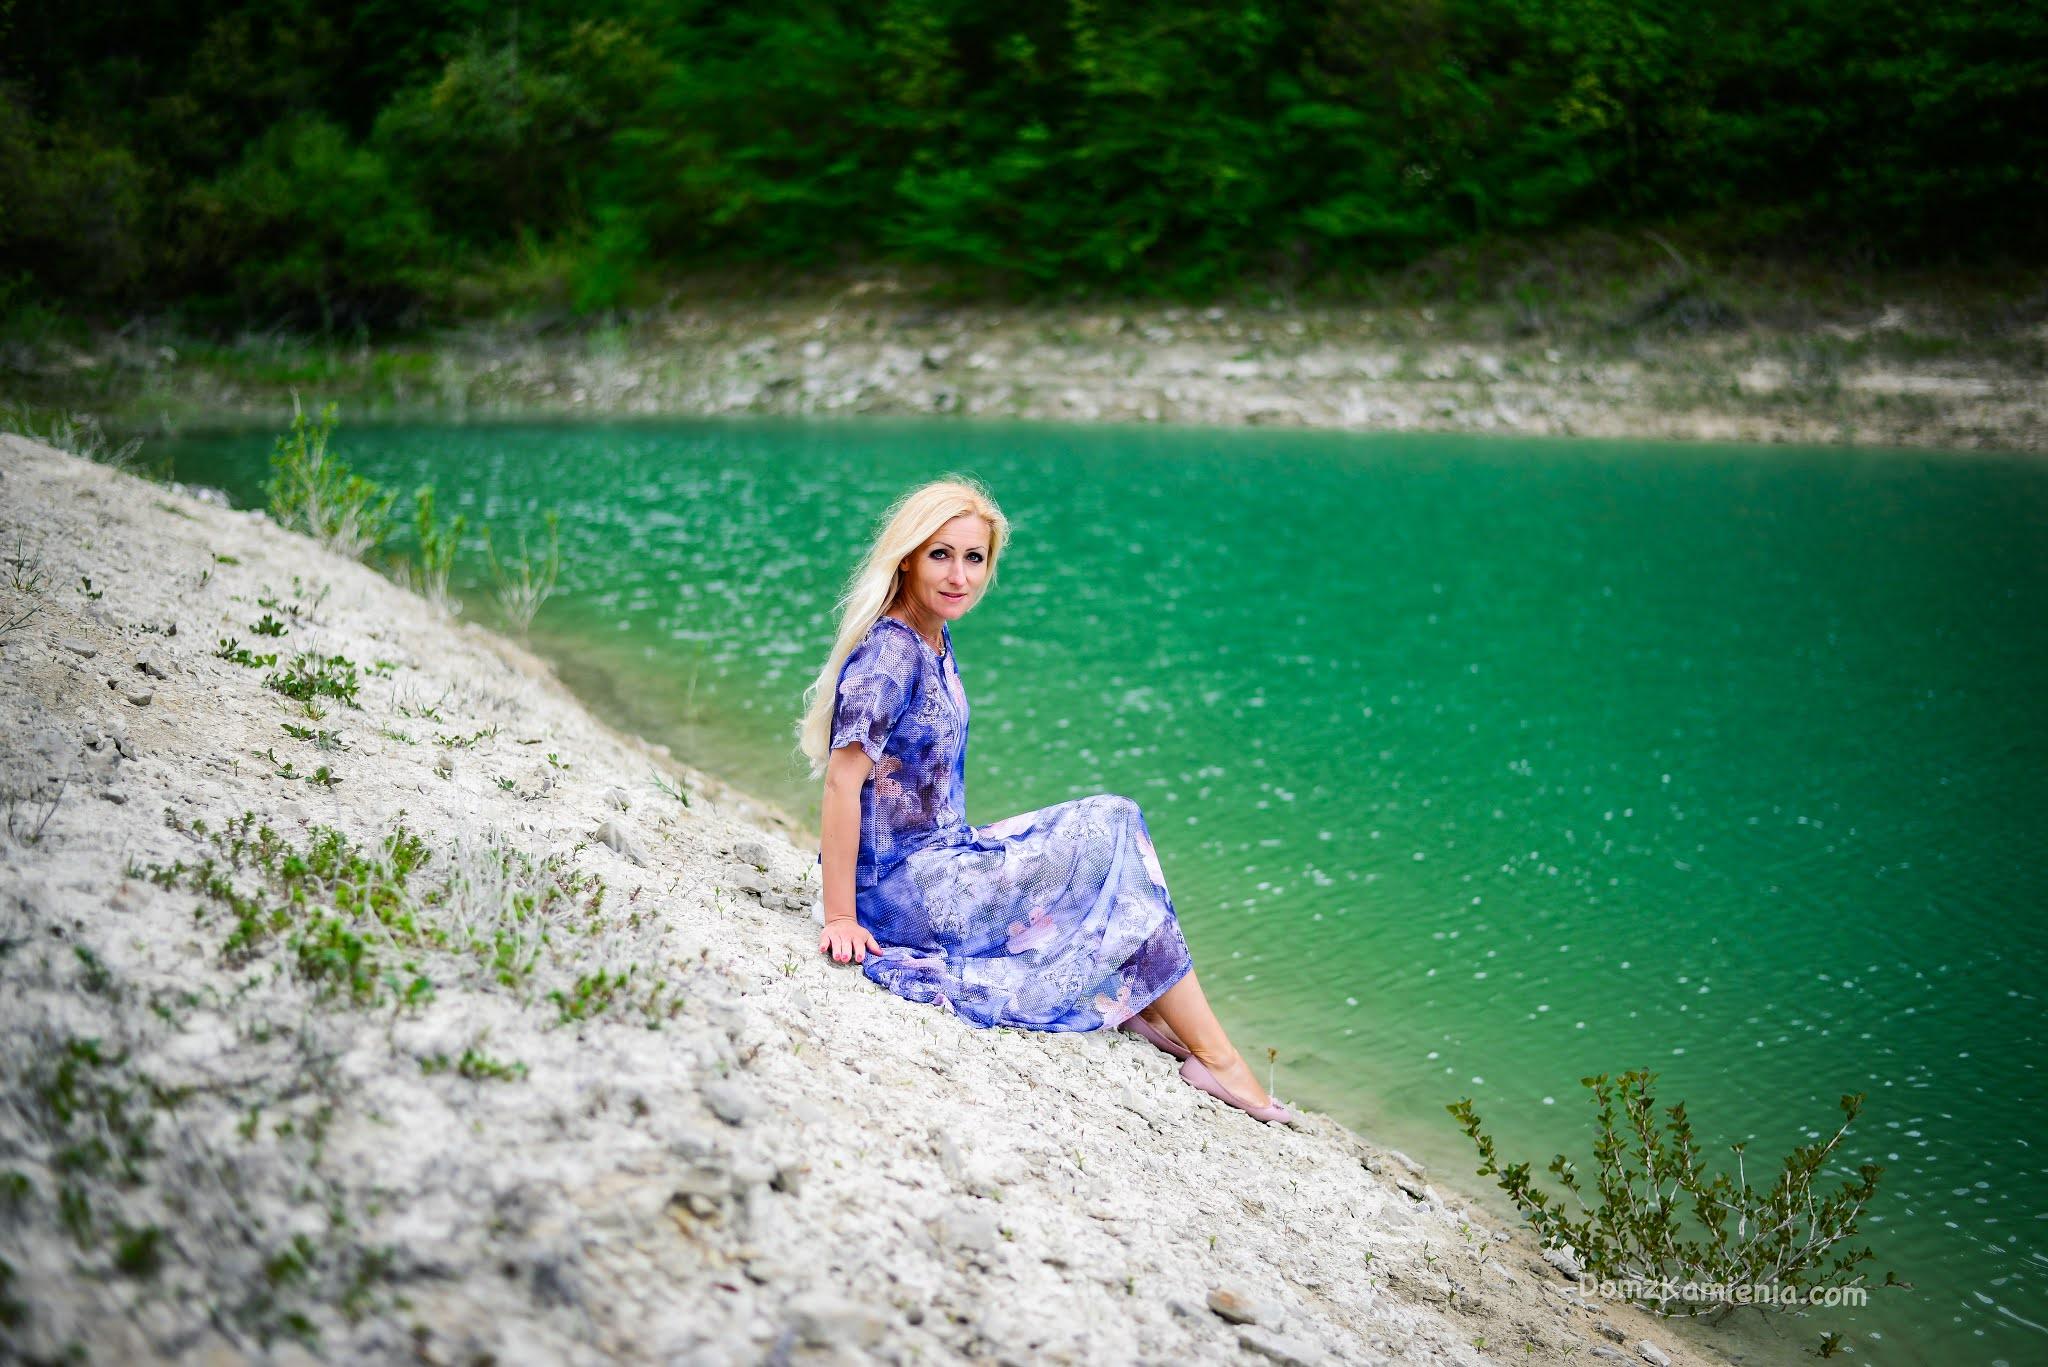 Dom z Kamienia blog, lago di Bracanello